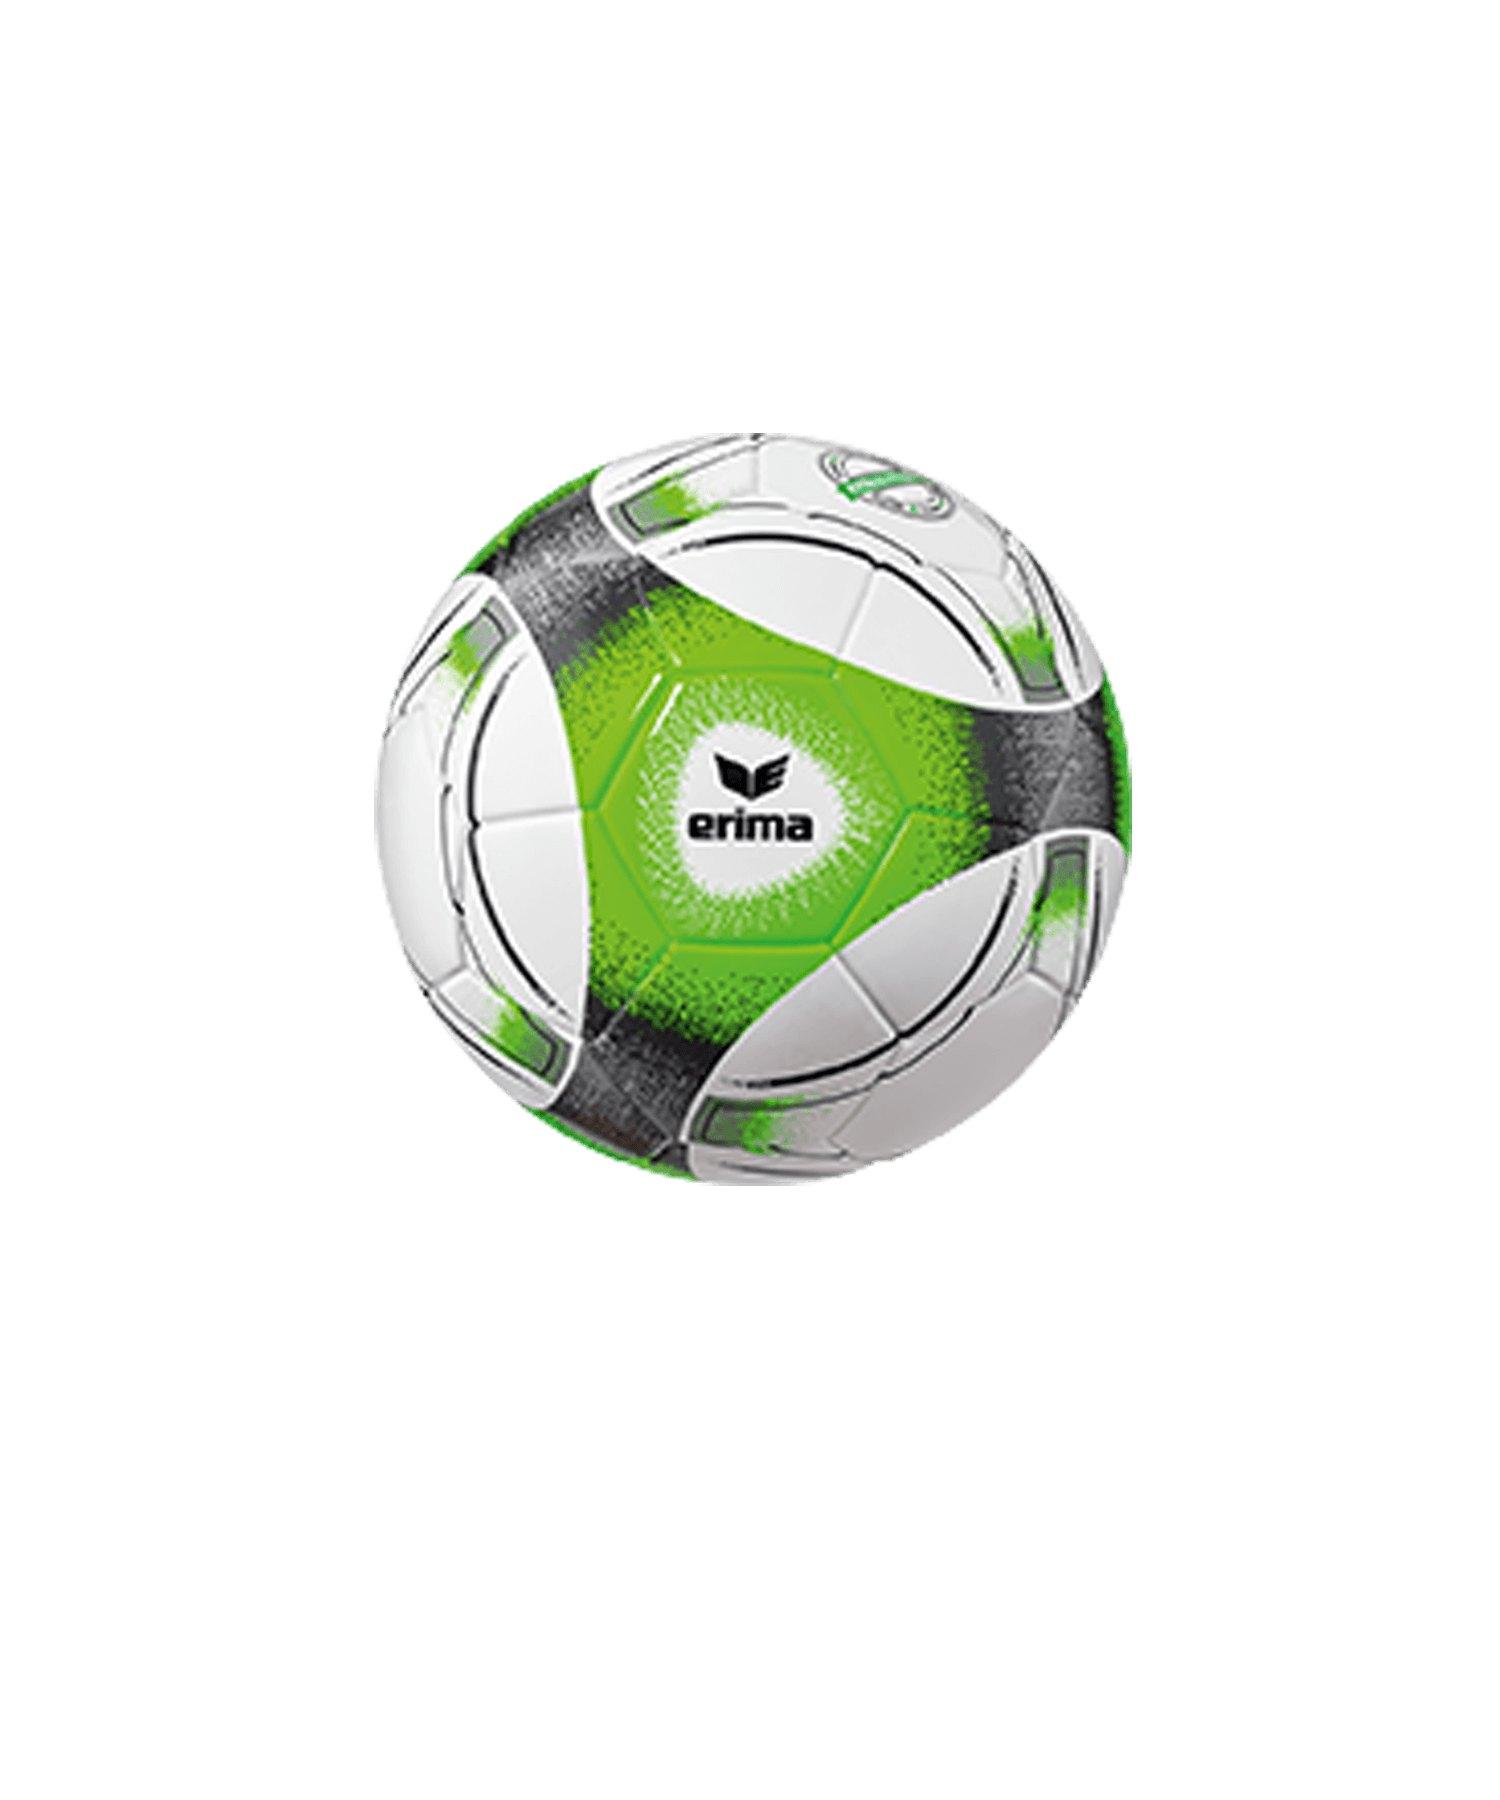 Erima Hybrid Miniball Schwarz Grün - gruen